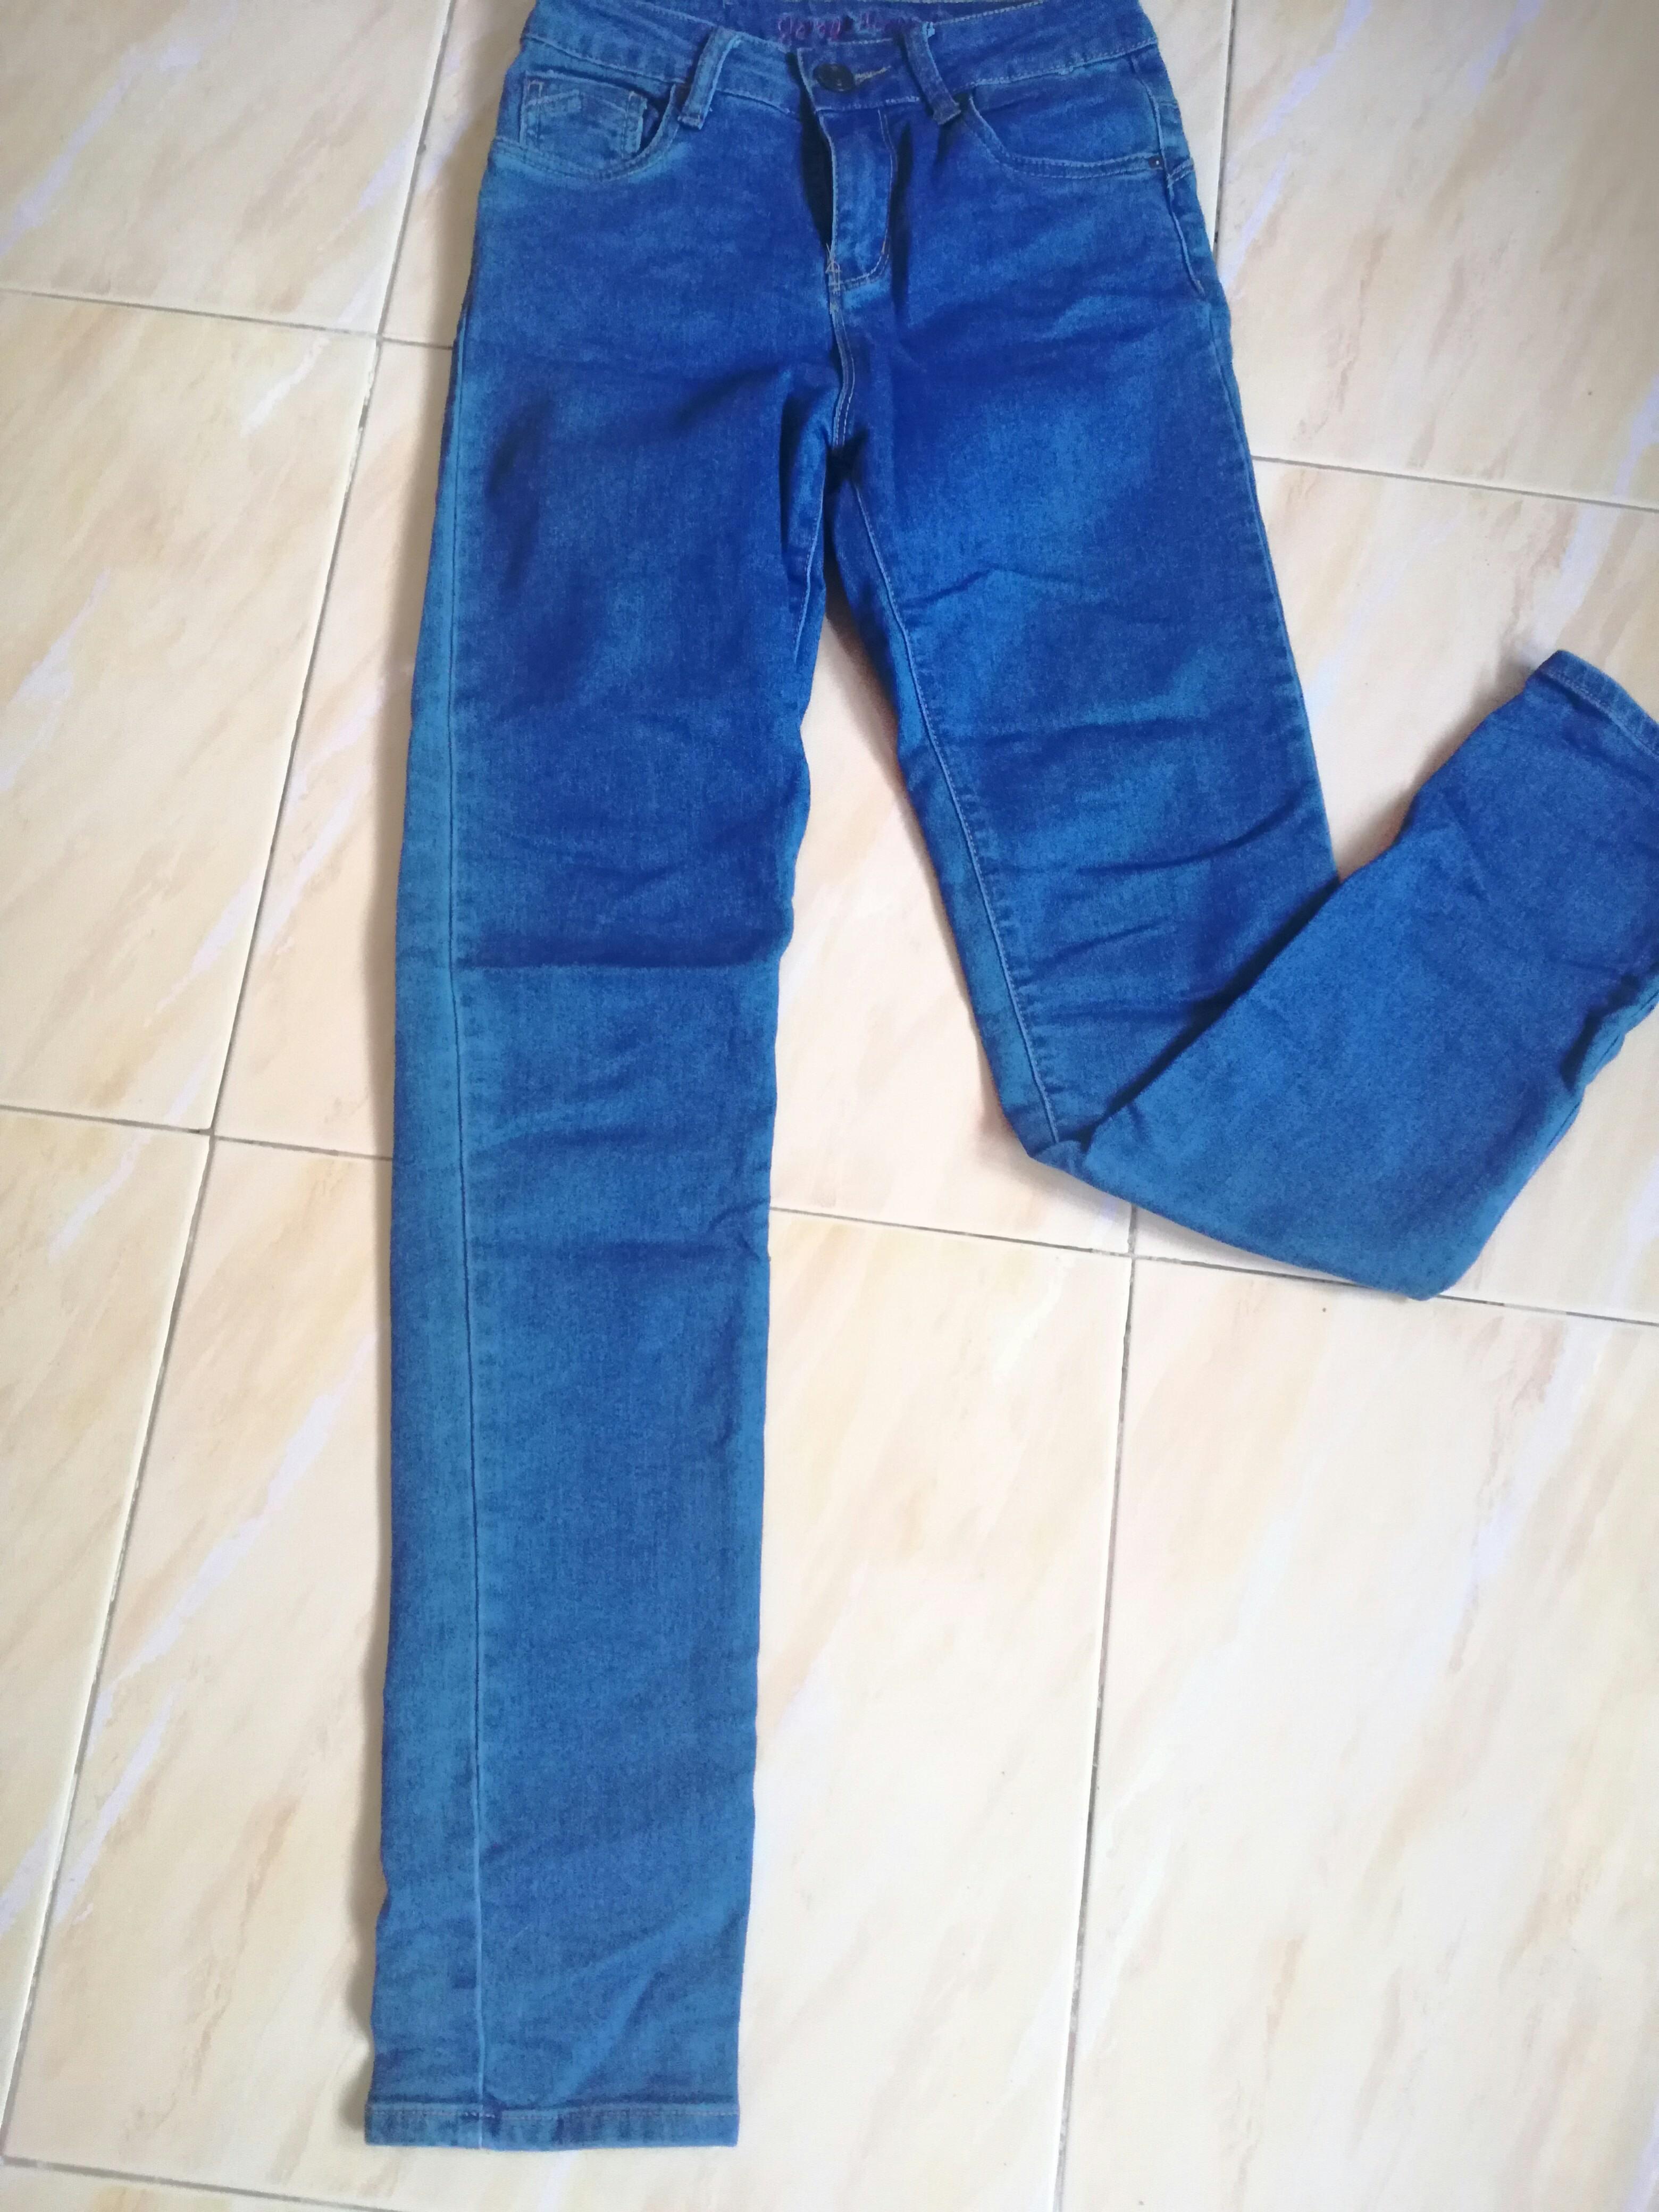 Brands Outlet jeans saiz 4